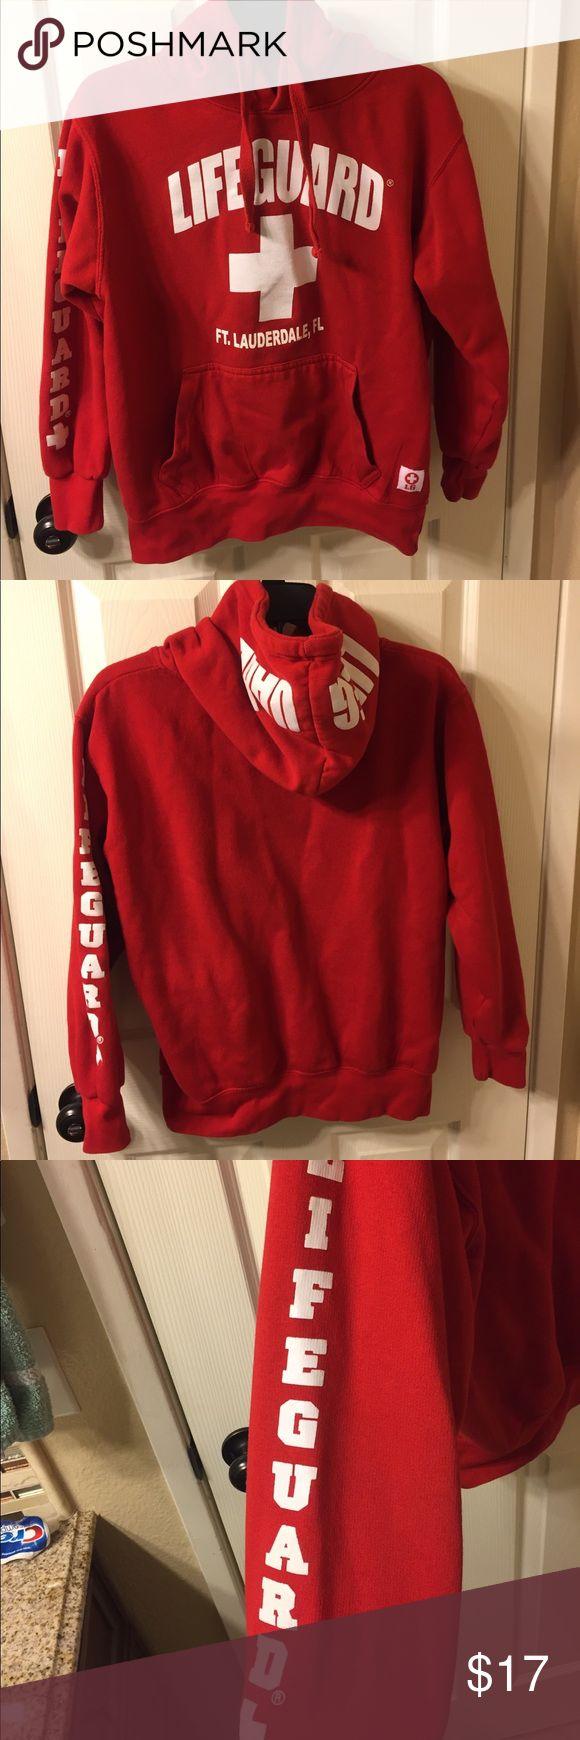 lifeguard hoodie red lifeguard hoodie from ft.lauderdale, FL Tops Sweatshirts & Hoodies